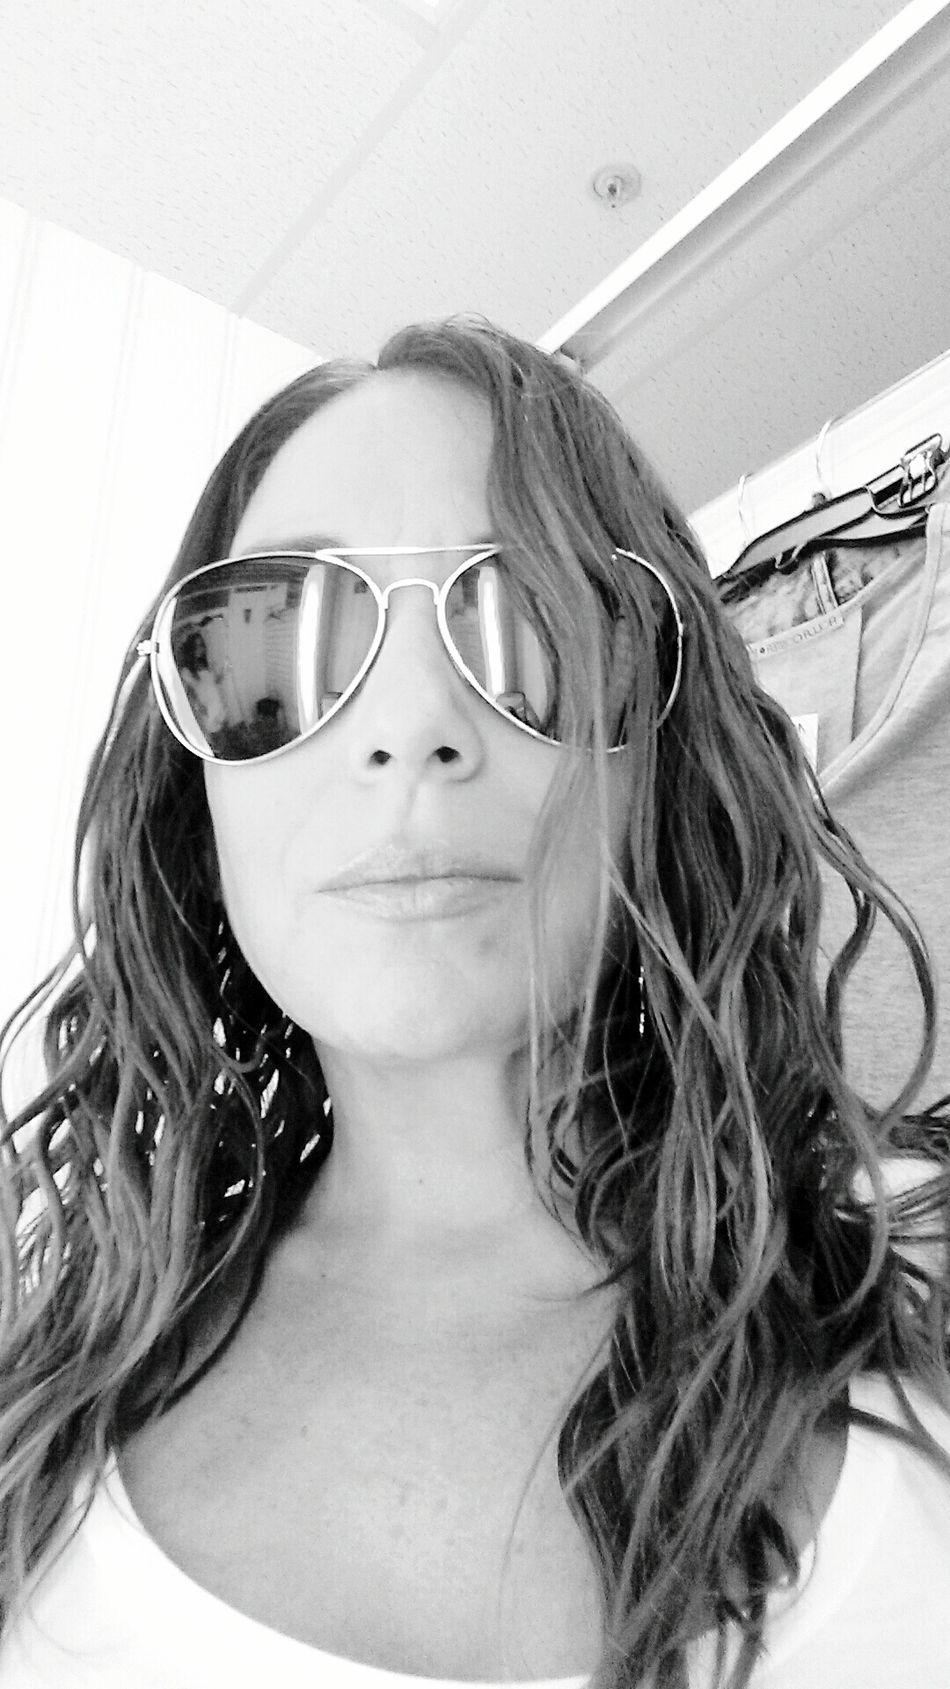 Black And White That's Me Selfie Latinasdoitbetter Hello World Style CrazyHairDay